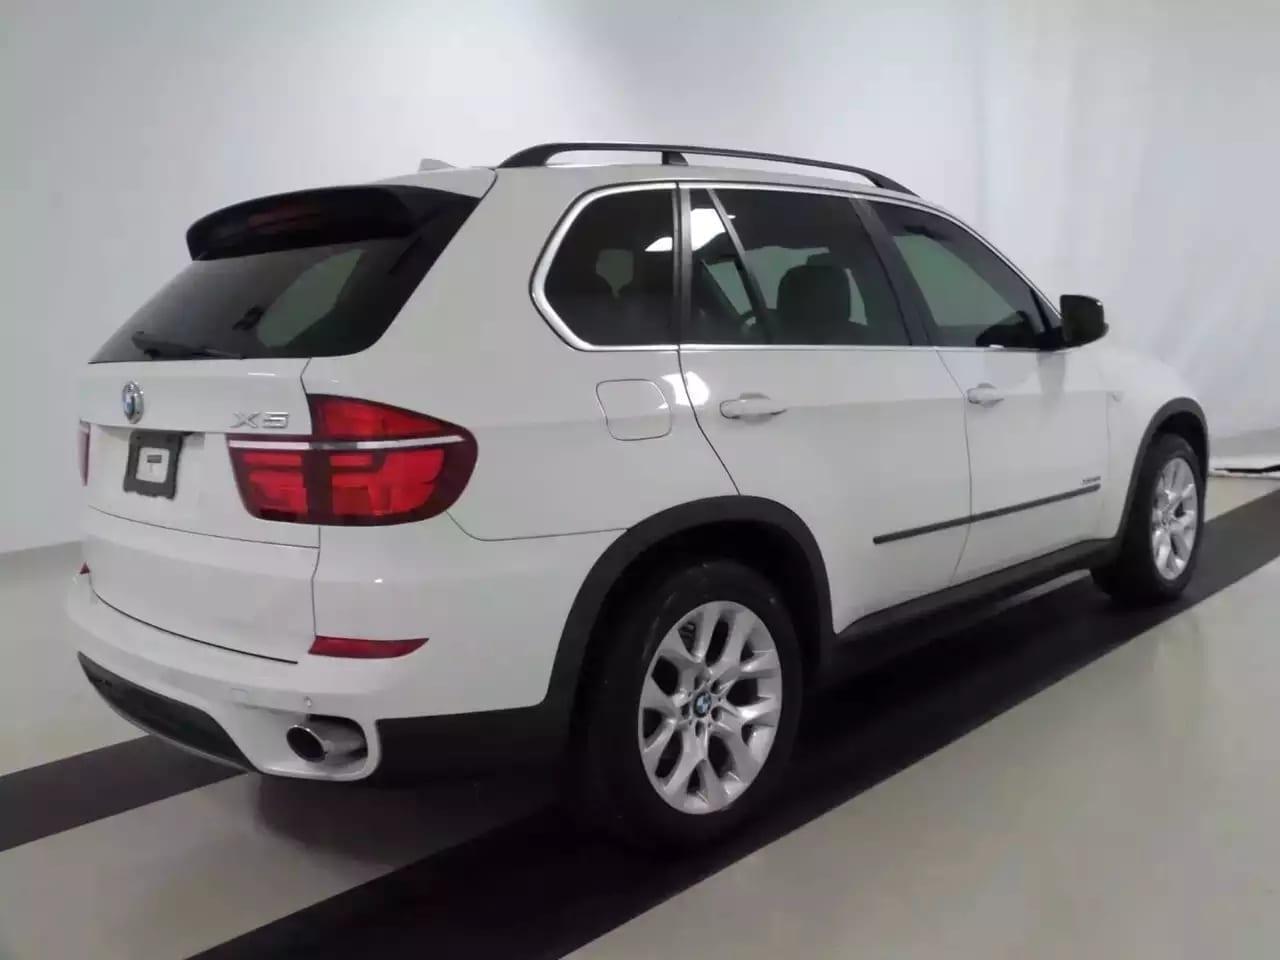 买车需要驾照吗 2013宝马X5 xDrive 35i,迈数5w,高配带导航